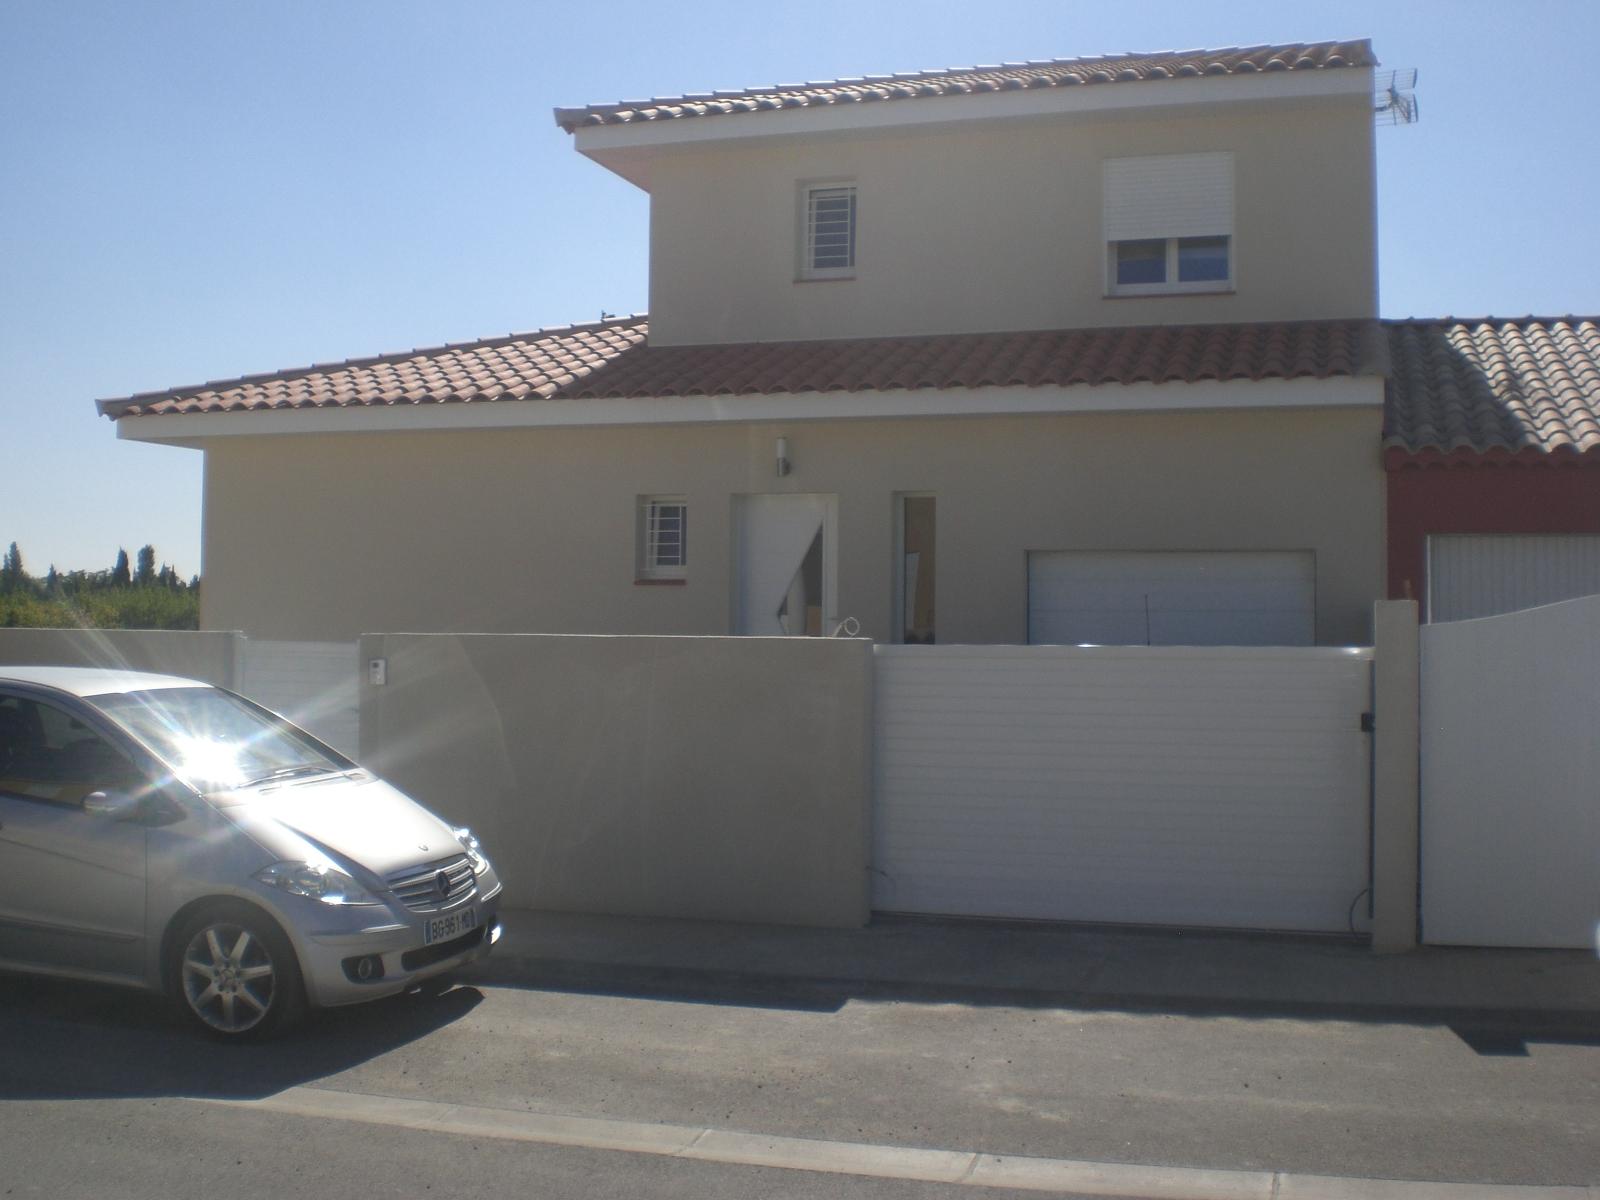 Maisons + Terrains du constructeur ACCES HABITAT 66 • 100 m² • CANOHES